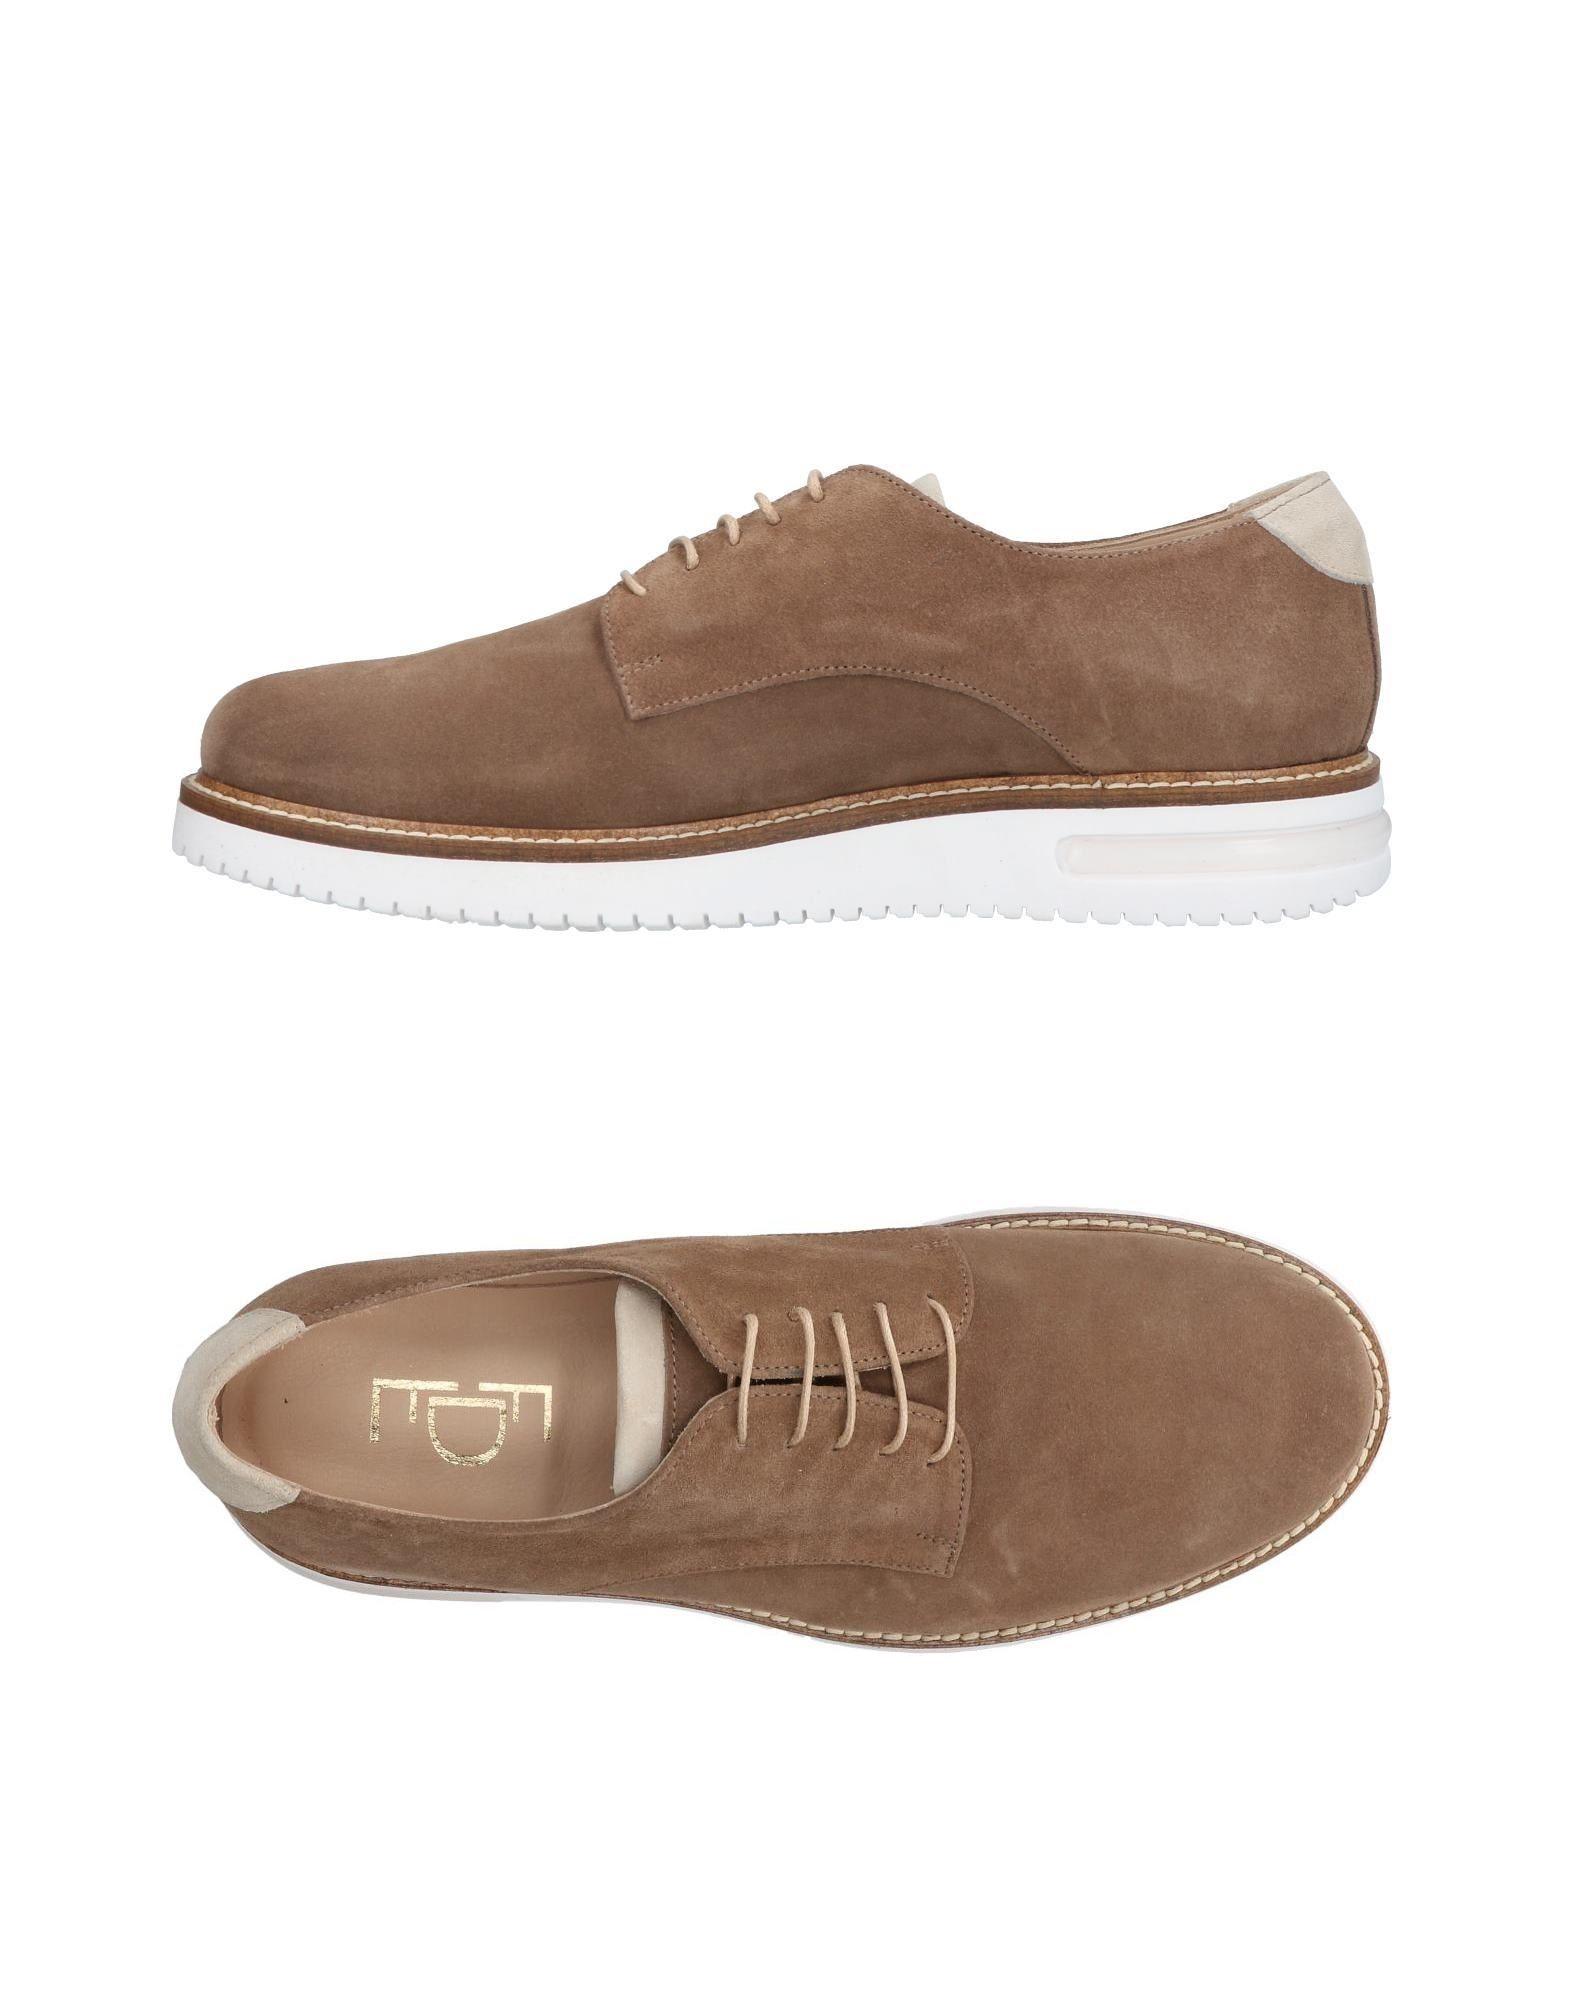 Rabatt echte Schuhe Fdf Shoes Schnürschuhe Herren  11420907DU